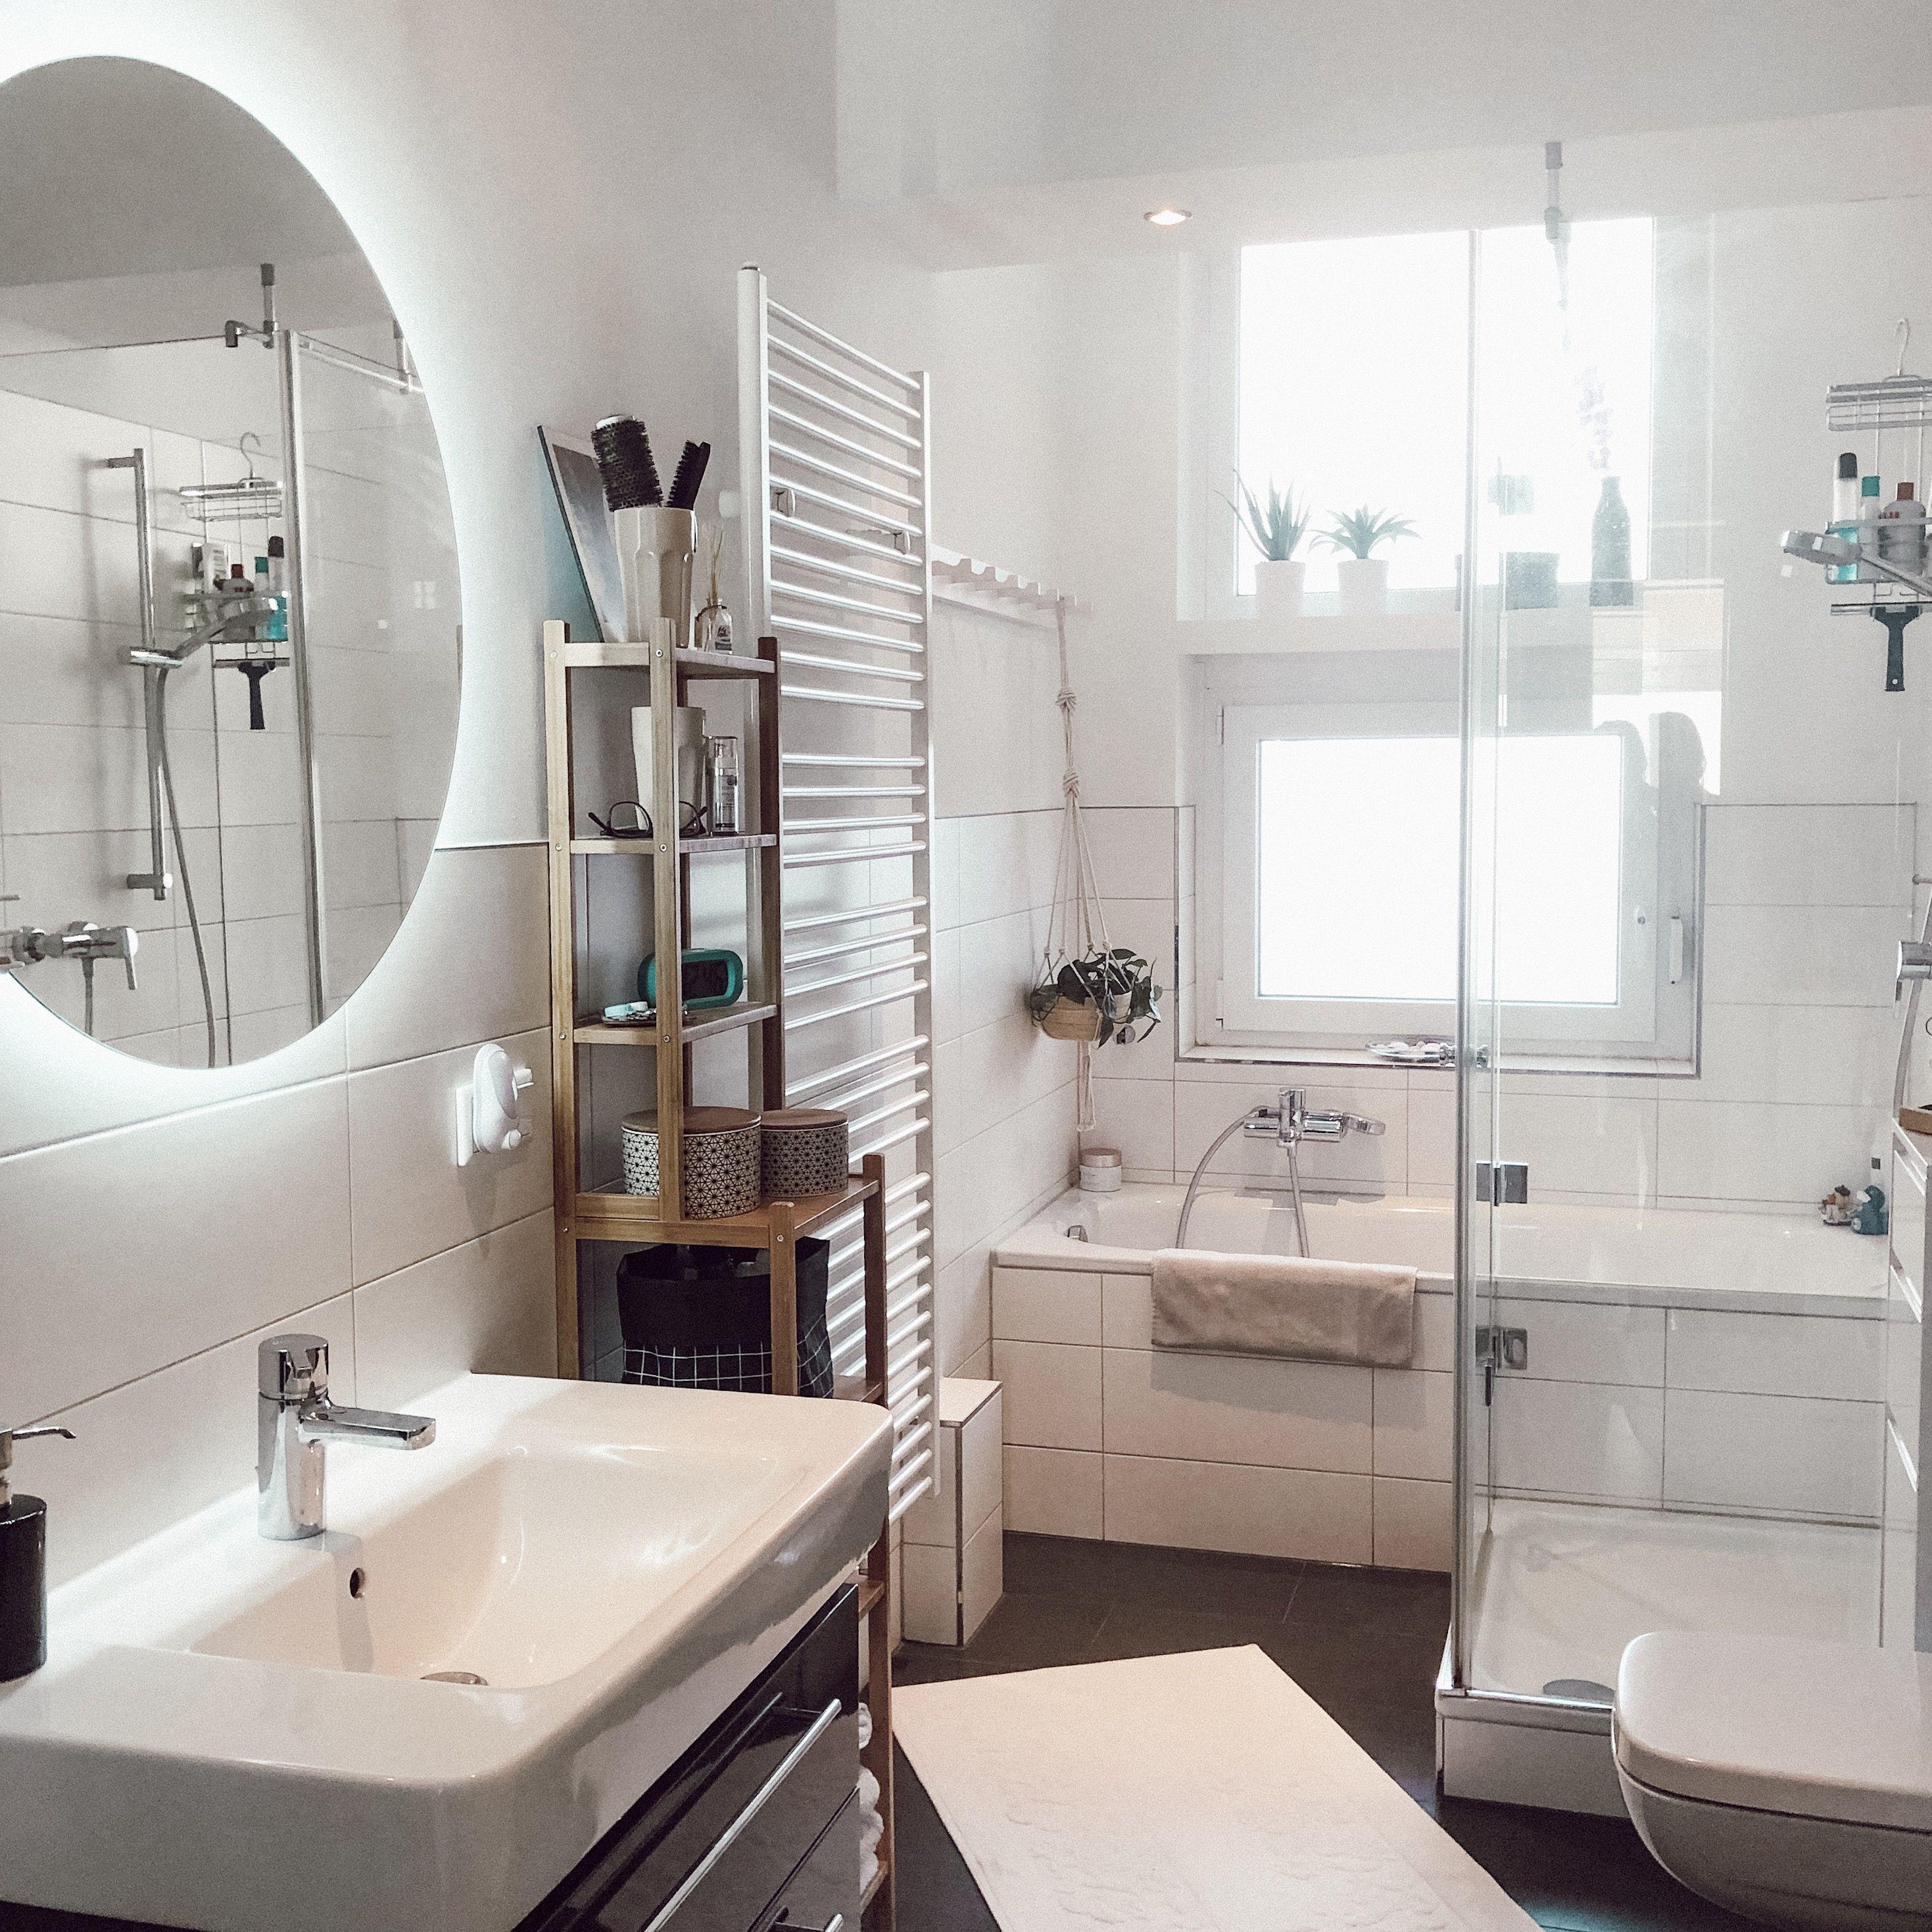 Klein Aber Fein Mein Badezimmer Mit Dusche Badewanne Und Allem Was Man So Braucht Badideen Bad Badezimmer Badewa Badezimmer Badezimmer Klein Badewanne